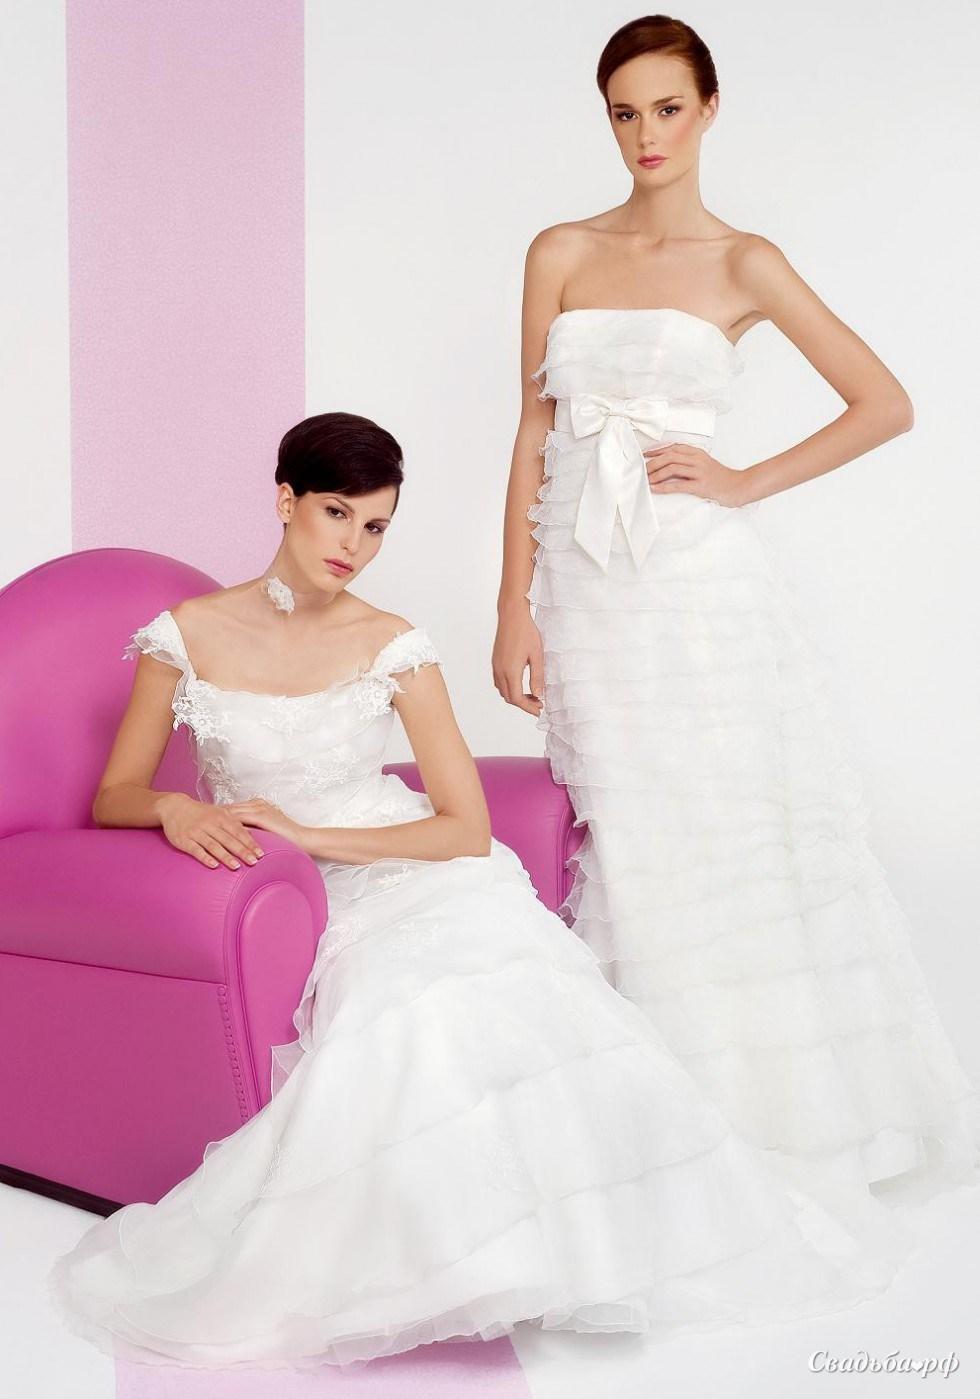 Купить свадебное платье Breana-М662 (Франция, Cymbeline, коллекция